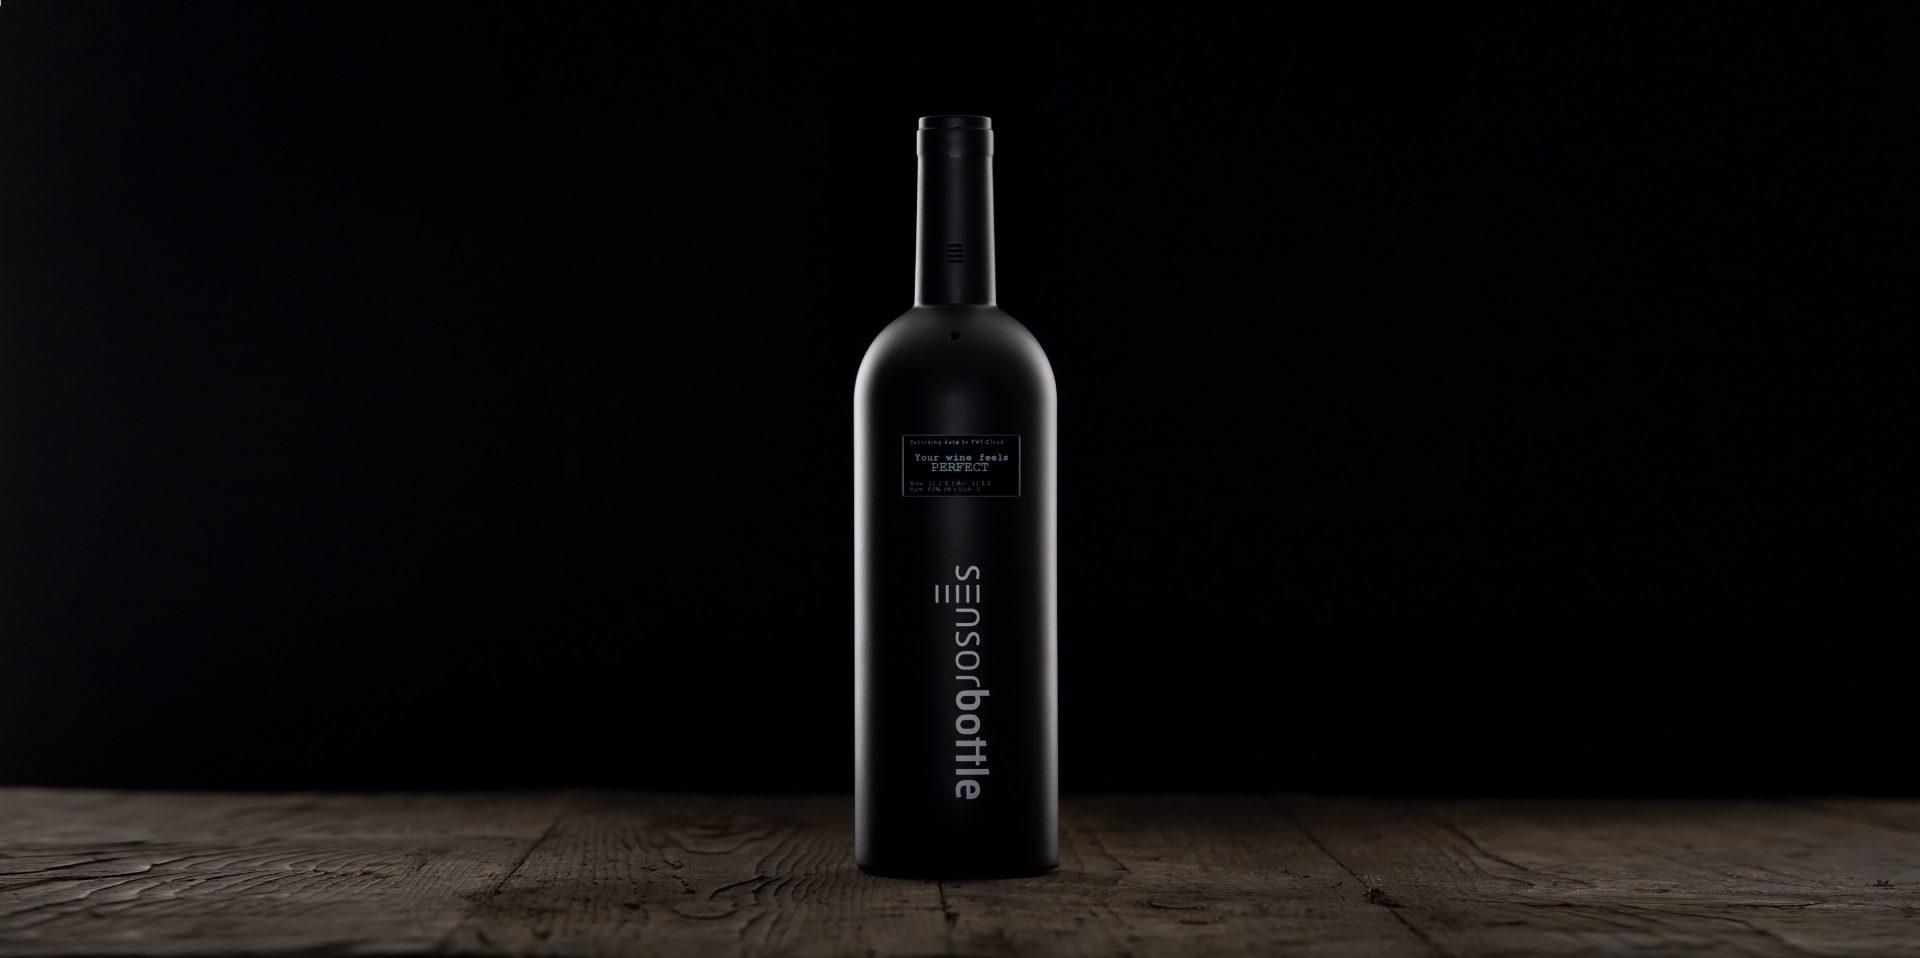 Die smarte Weinflasche mit Sensoren